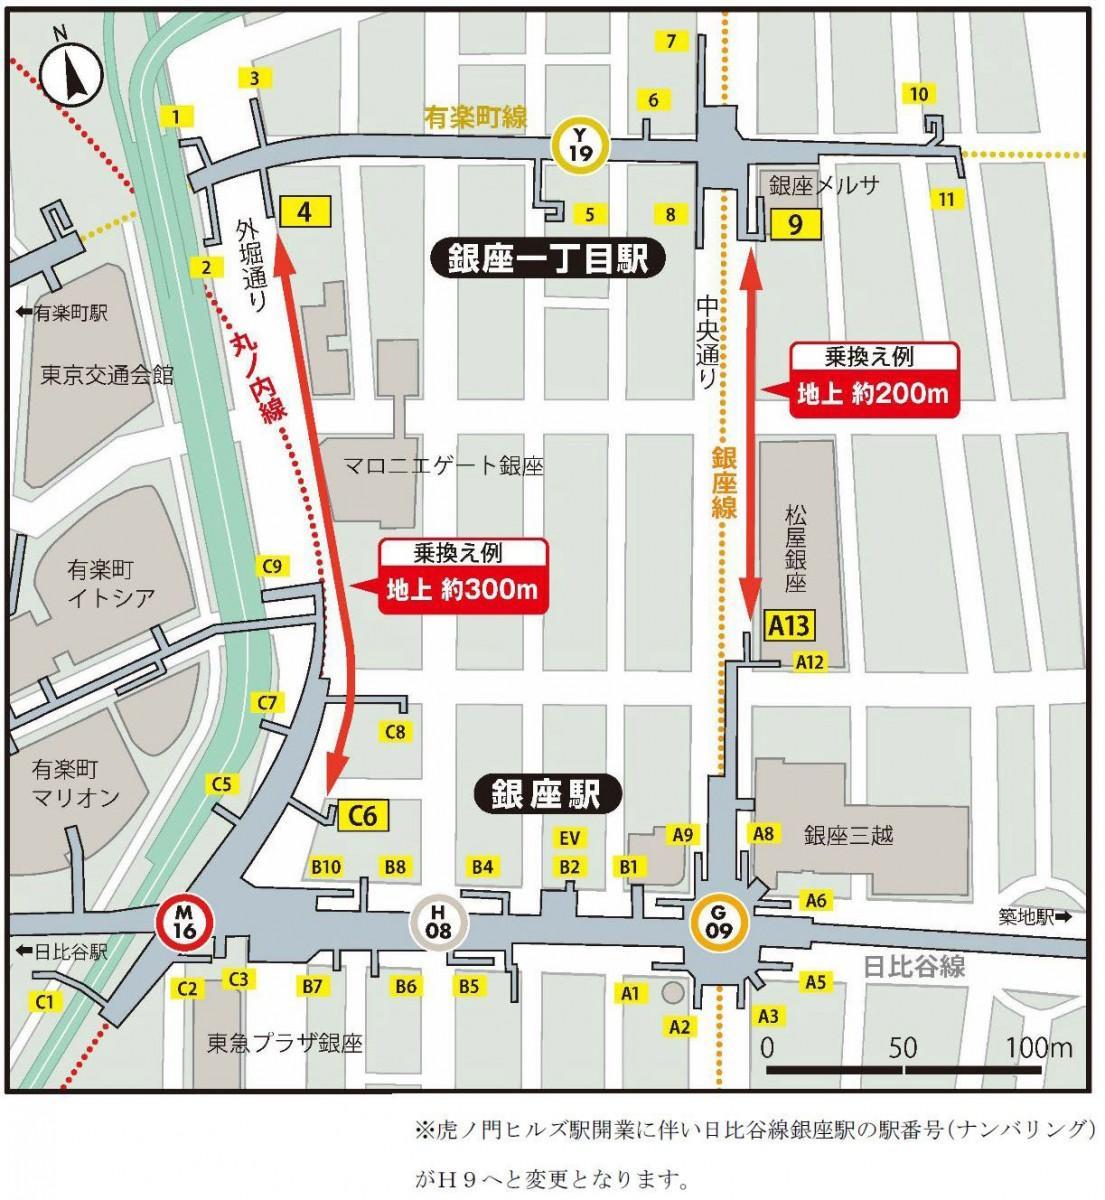 銀座駅~銀座一丁目駅地上ルート図